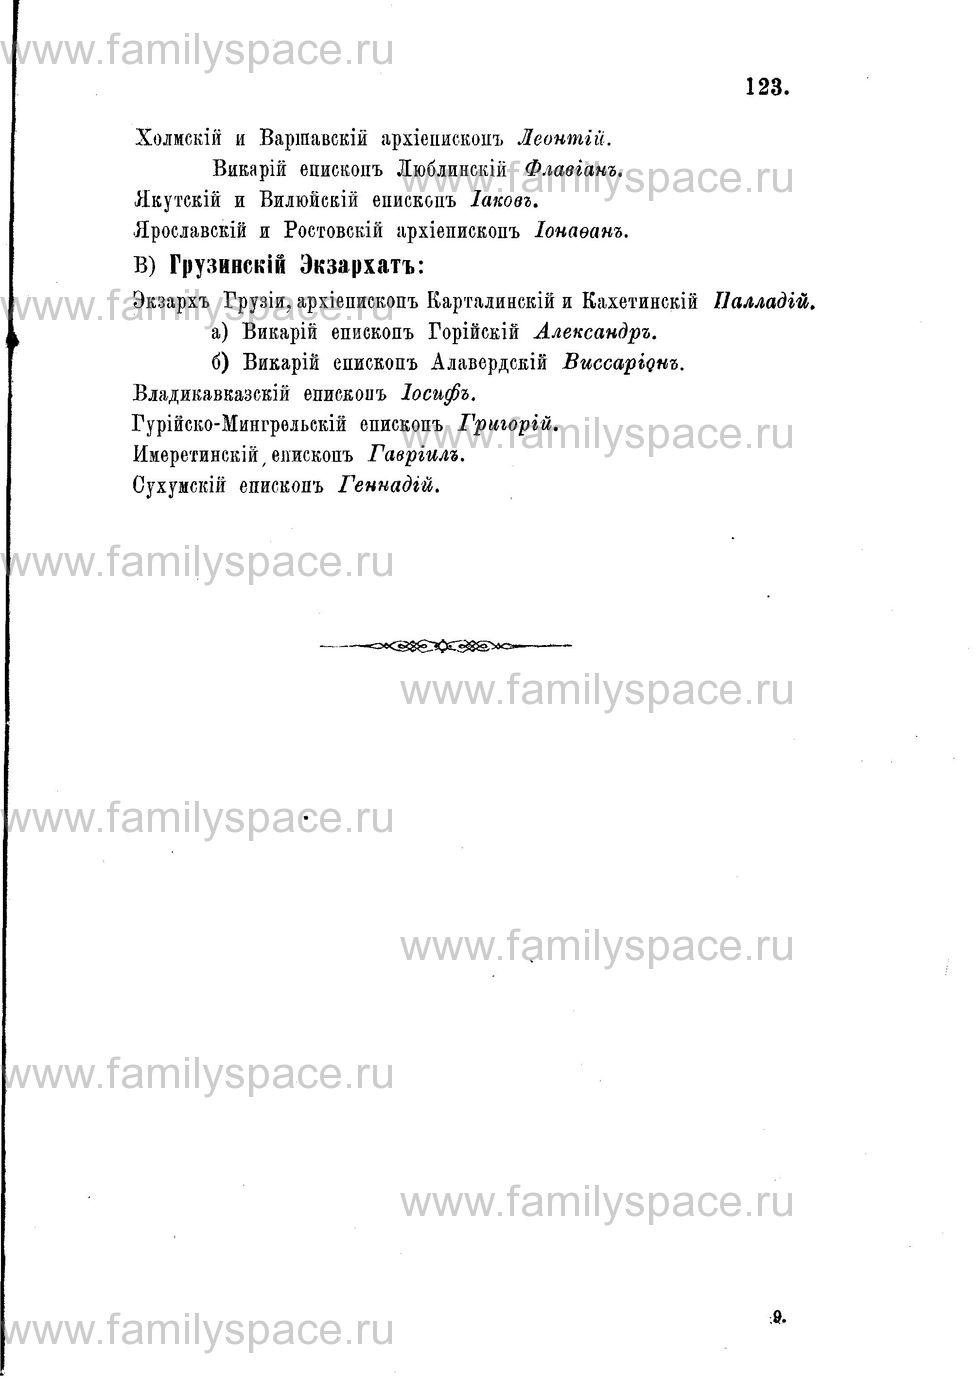 Поиск по фамилии - Адрес-календарь Нижегородской епархии на 1888 год, страница 1123